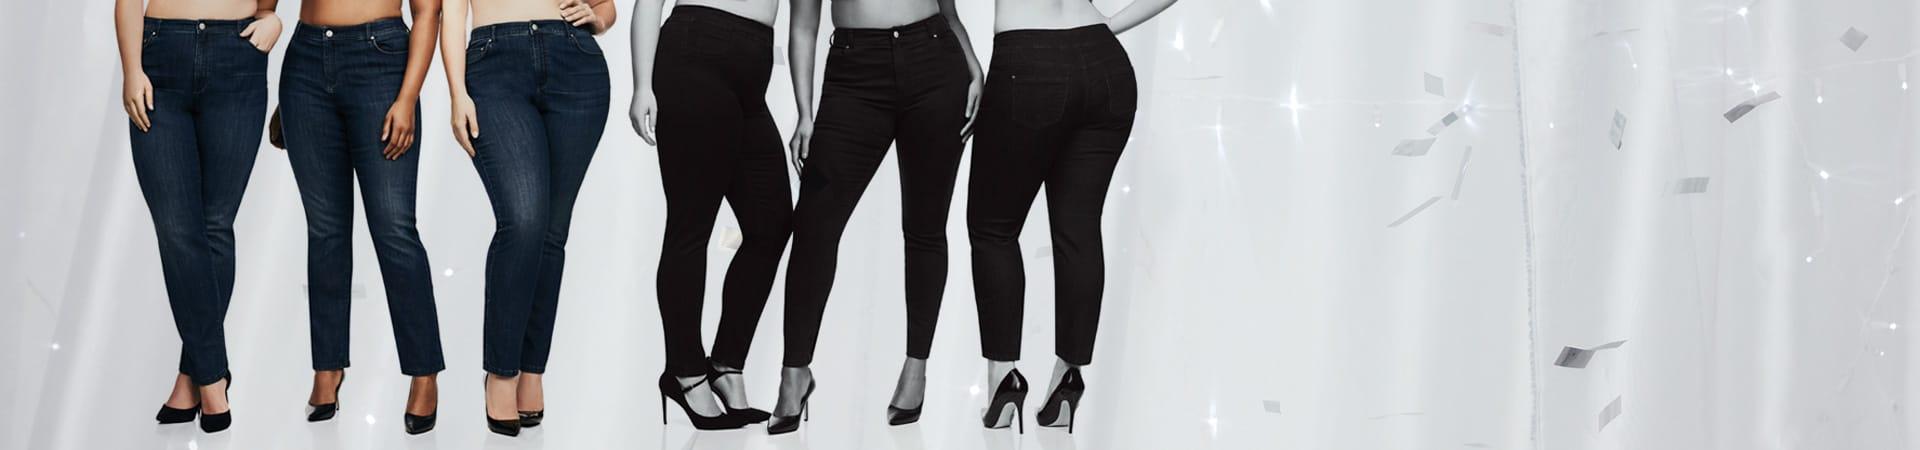 La légende du pantalon : coupes parfaites